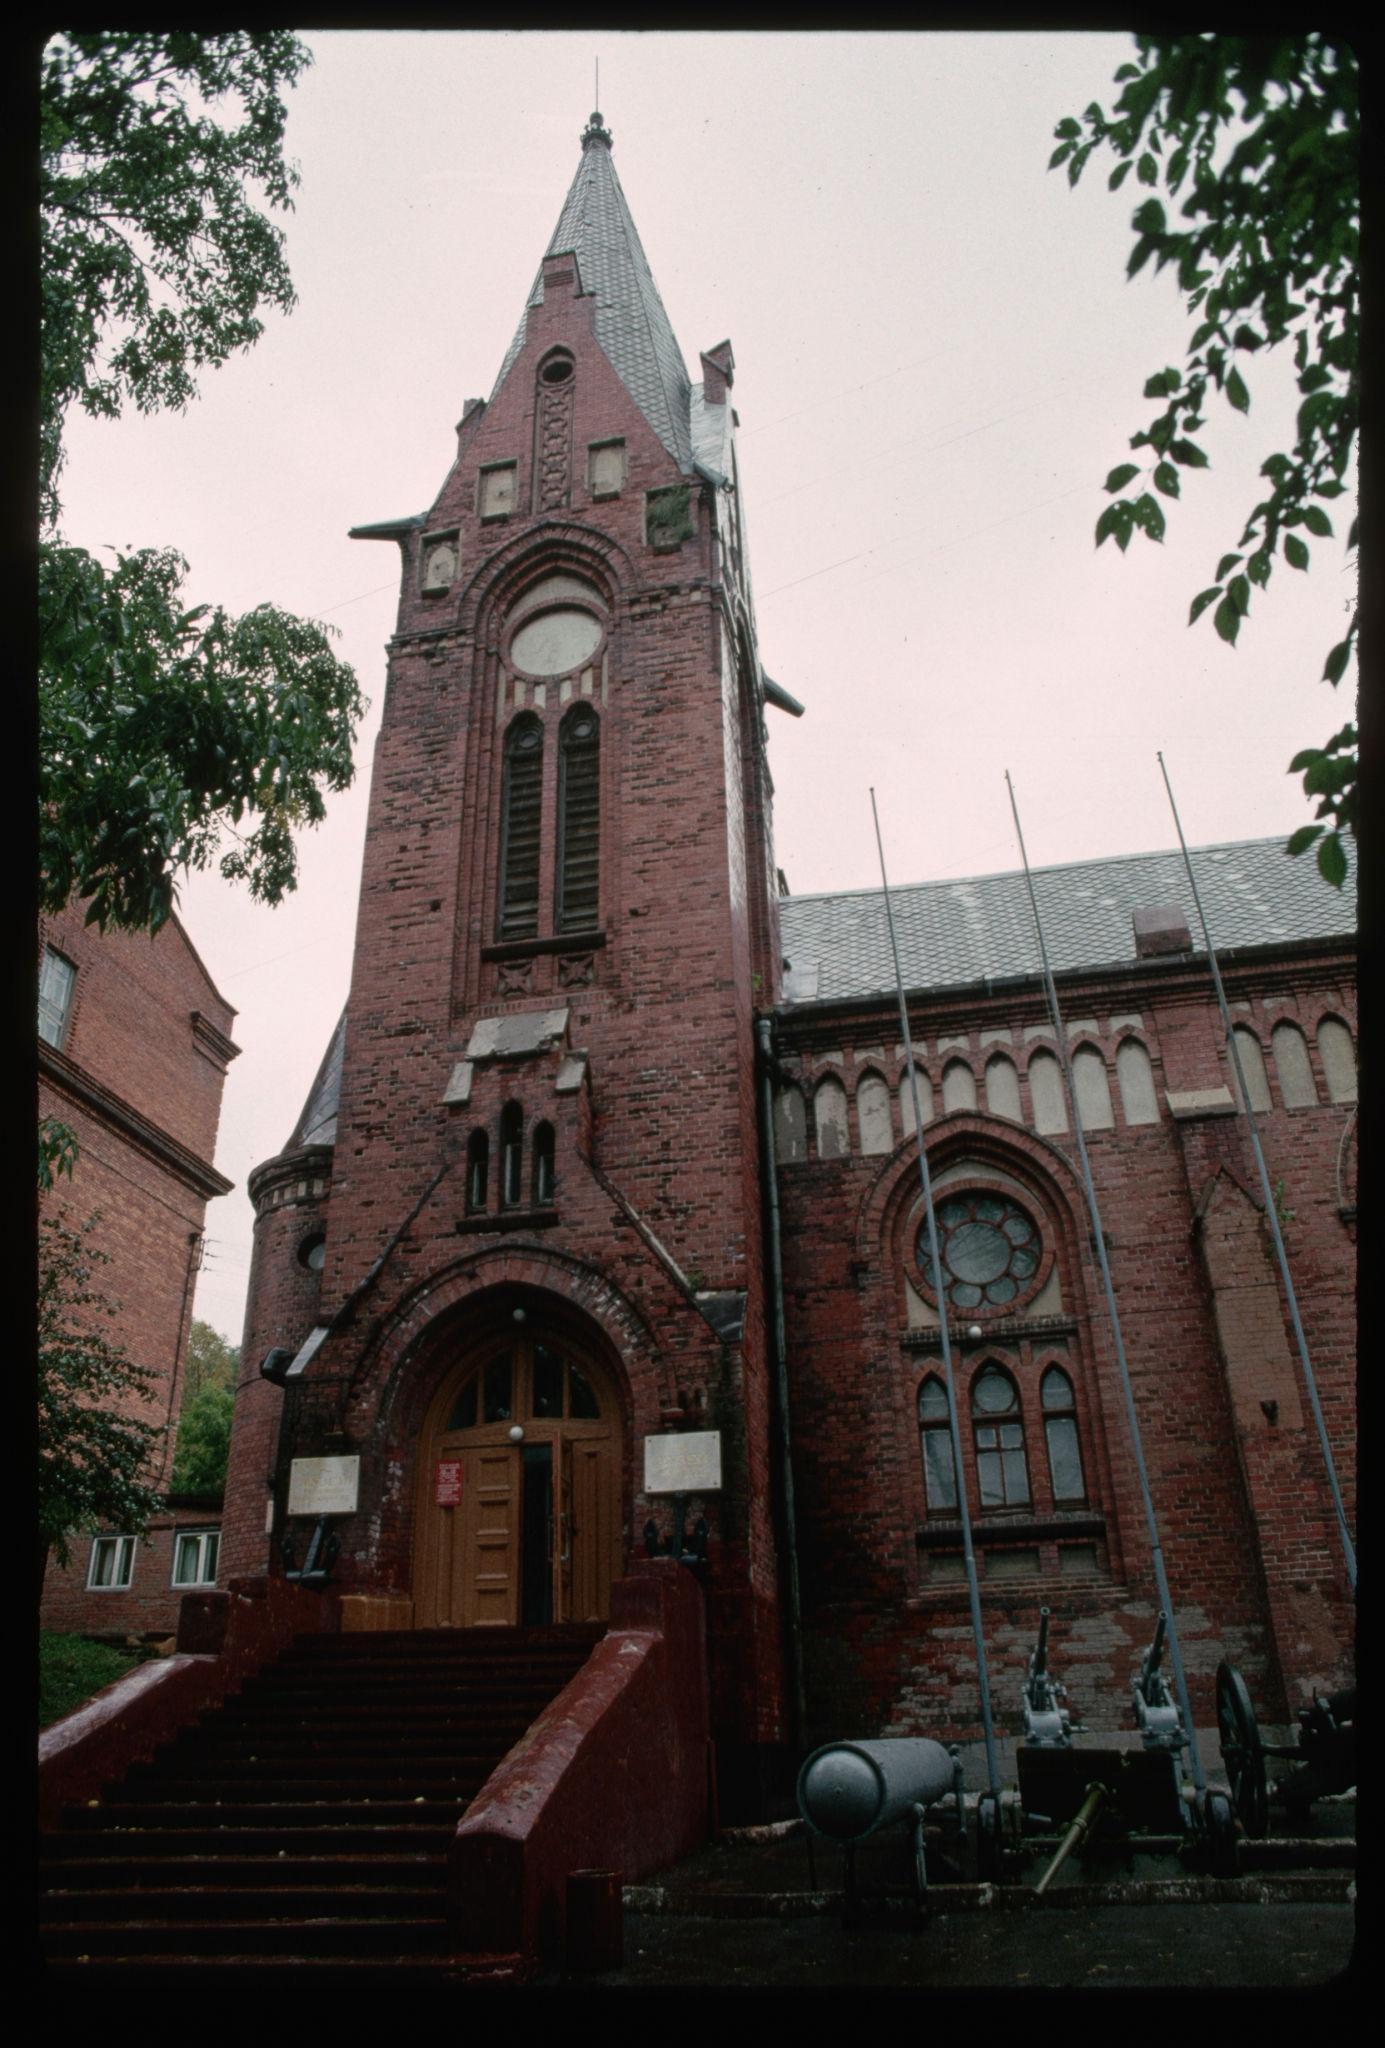 Владивосток. Церковь, превращенная в музей.jpg